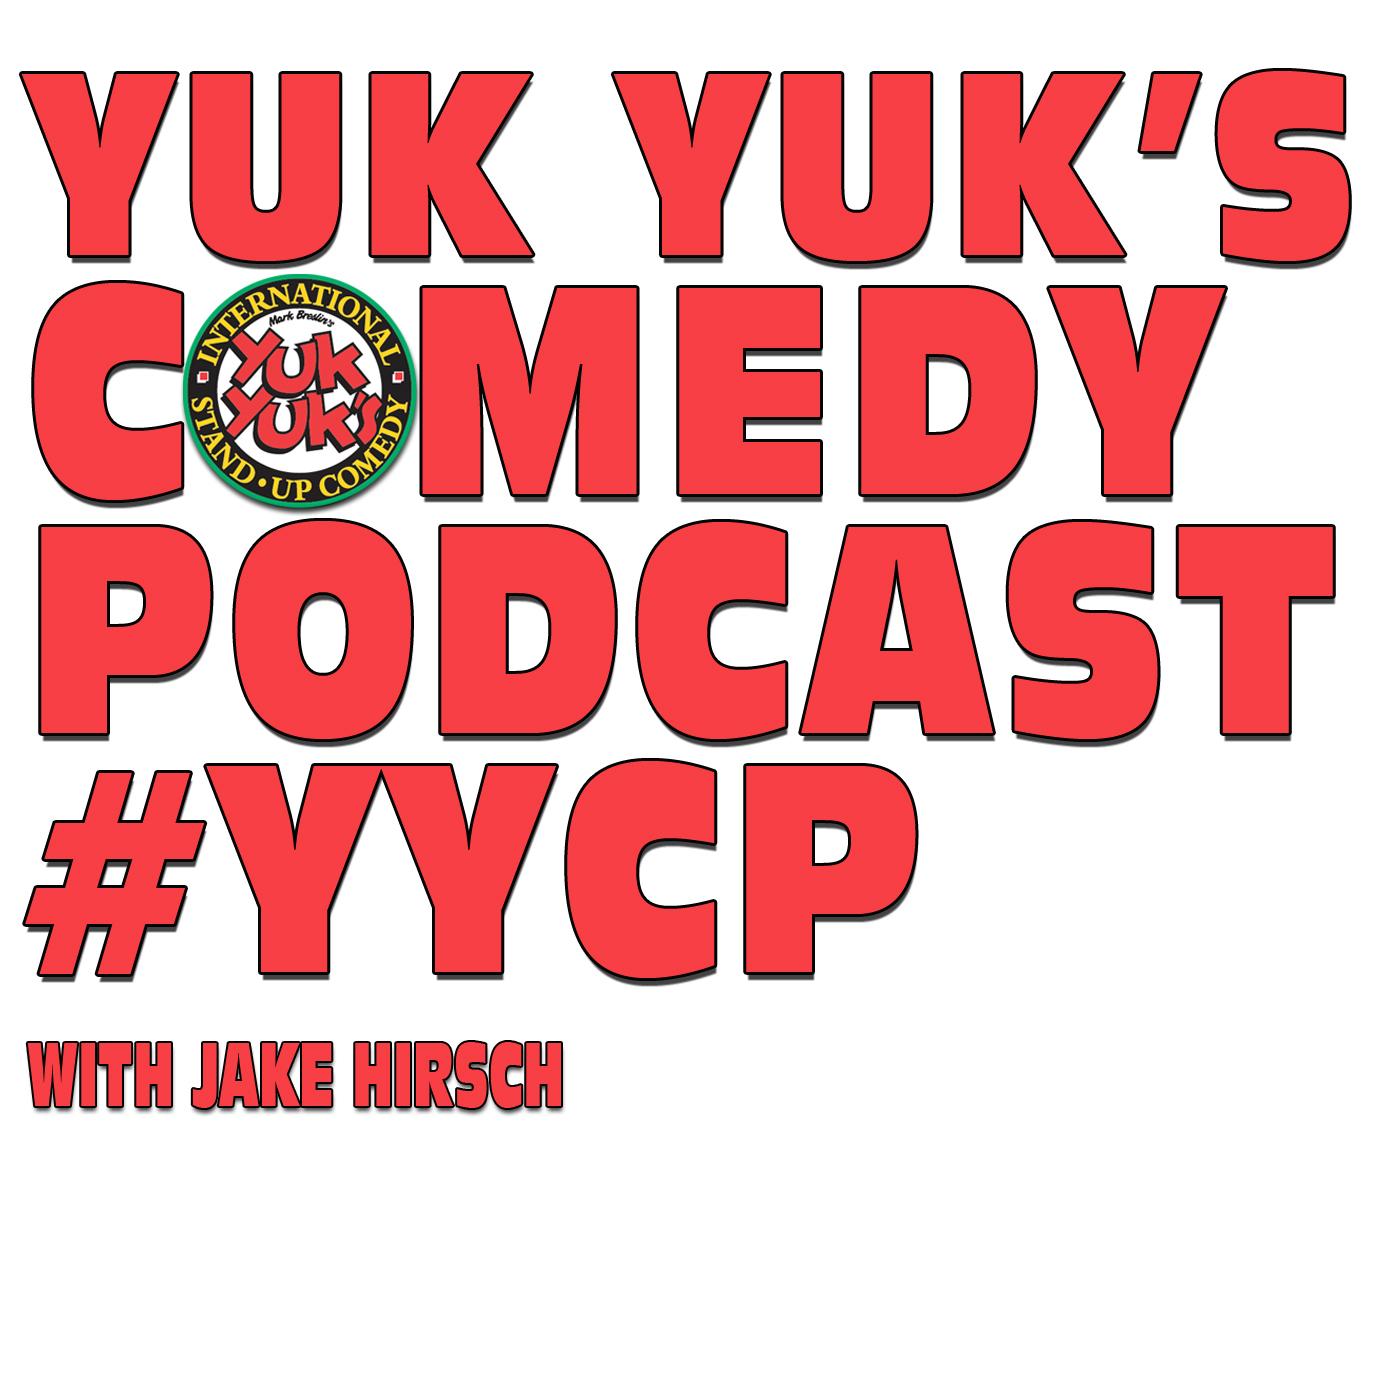 Yuk Yuk's Comedy Podcast